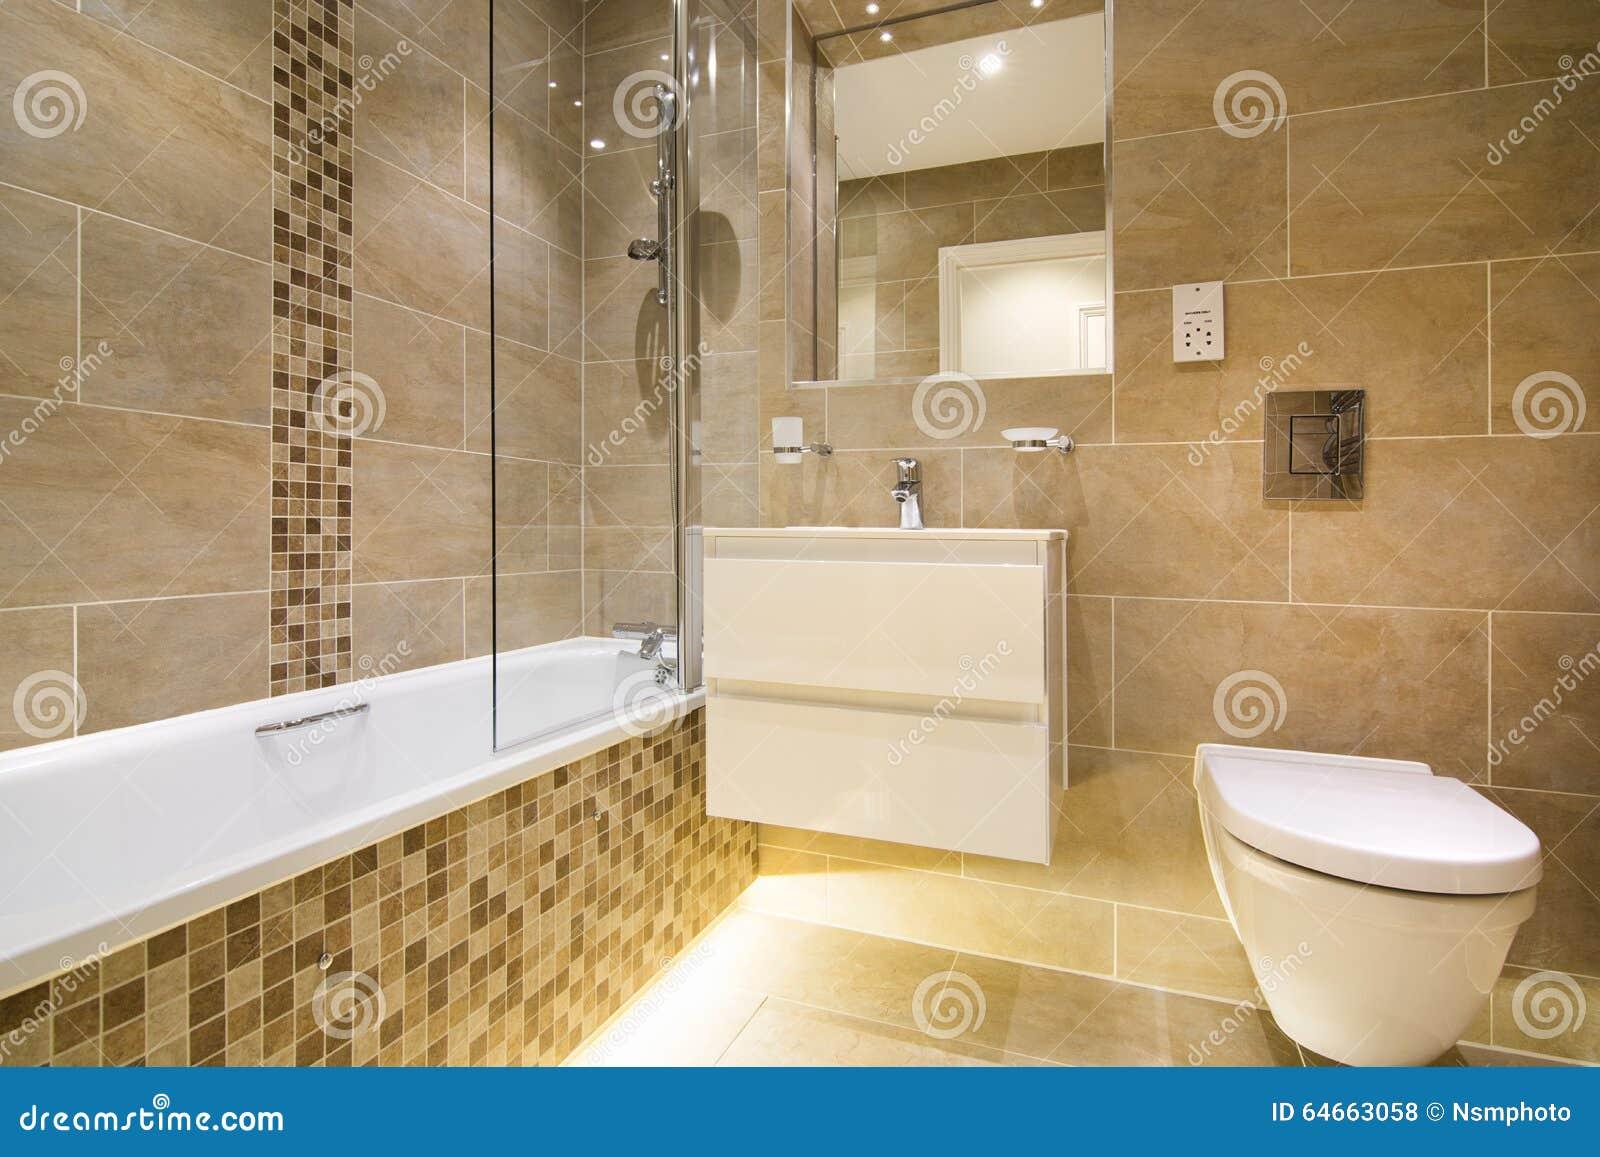 Salle De Bain Beige Brun : Luxe salle de bains trois morceaux dans le beige brun